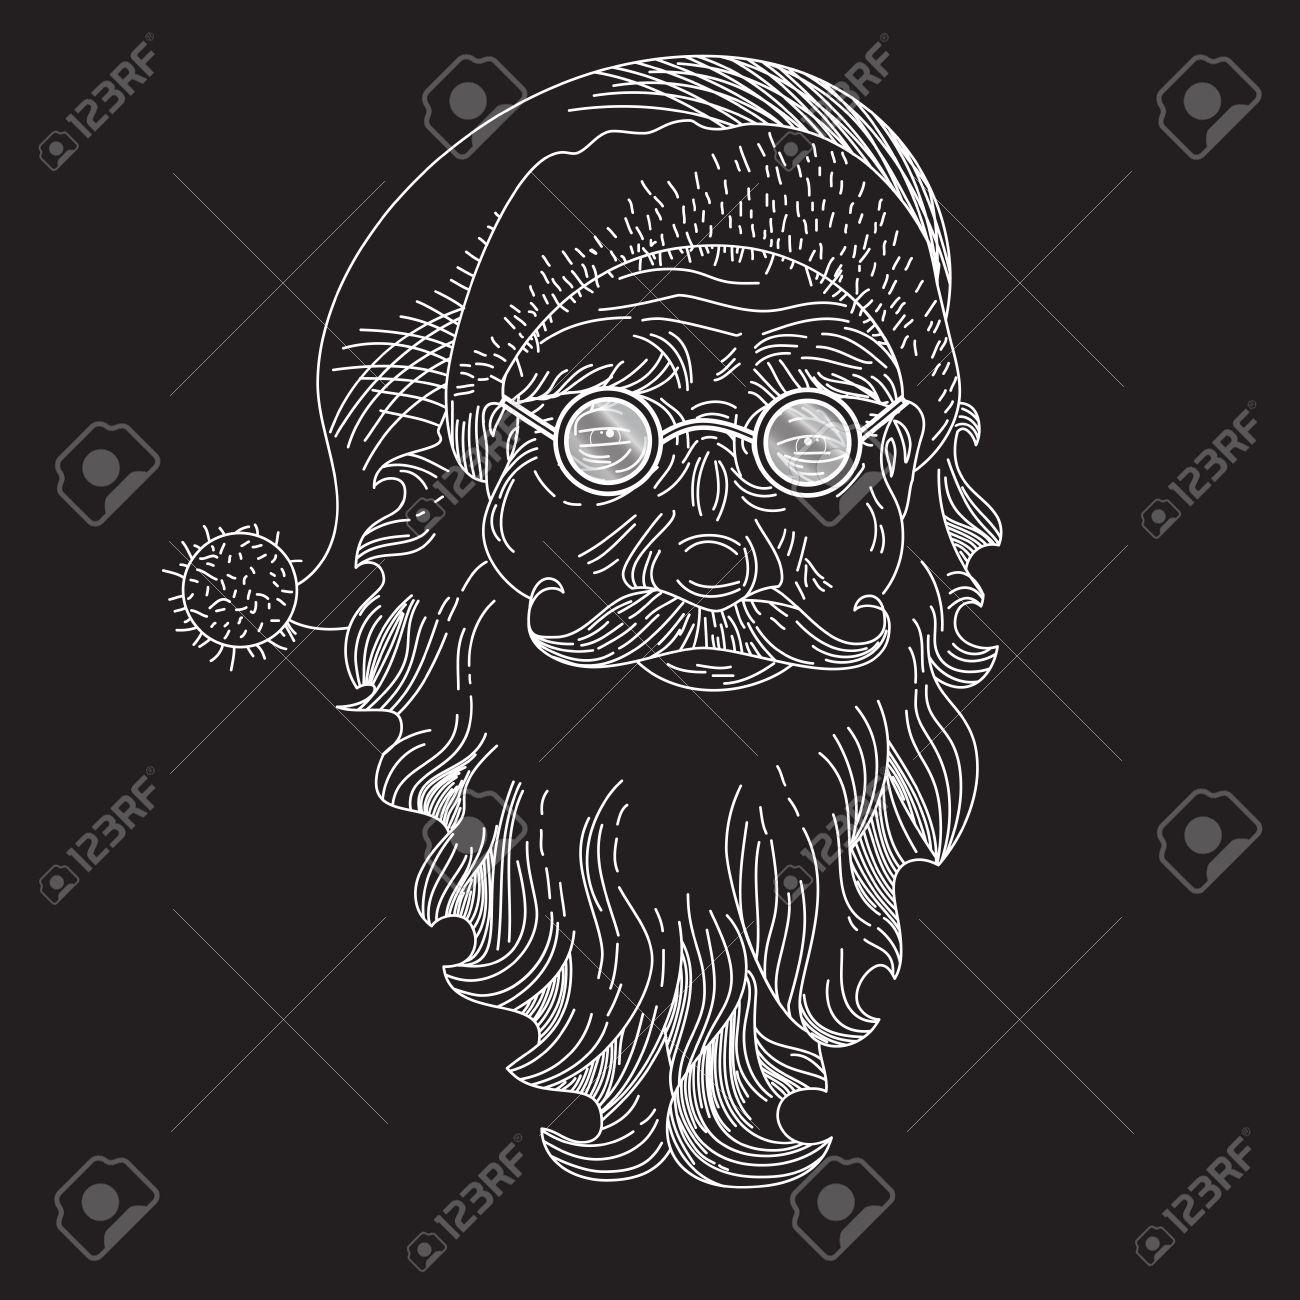 Christmas Card With Santa Claus Santa Claus Face Greeting Card